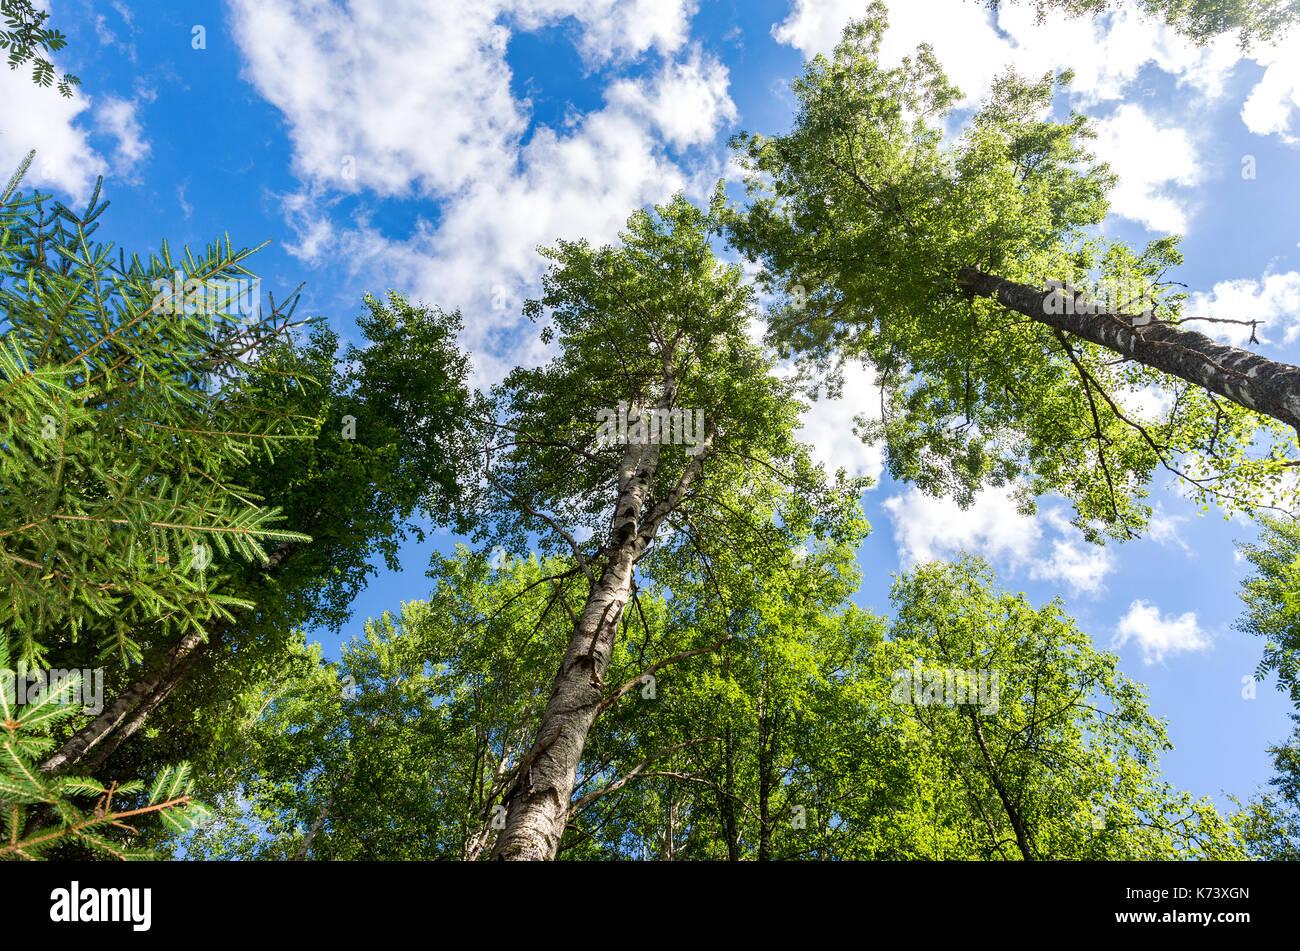 Kronen der hohen Birken über seinem Kopf in den Wald vor blauem Himmel. Die wilde Natur der Wälder. Laubwald Stockbild